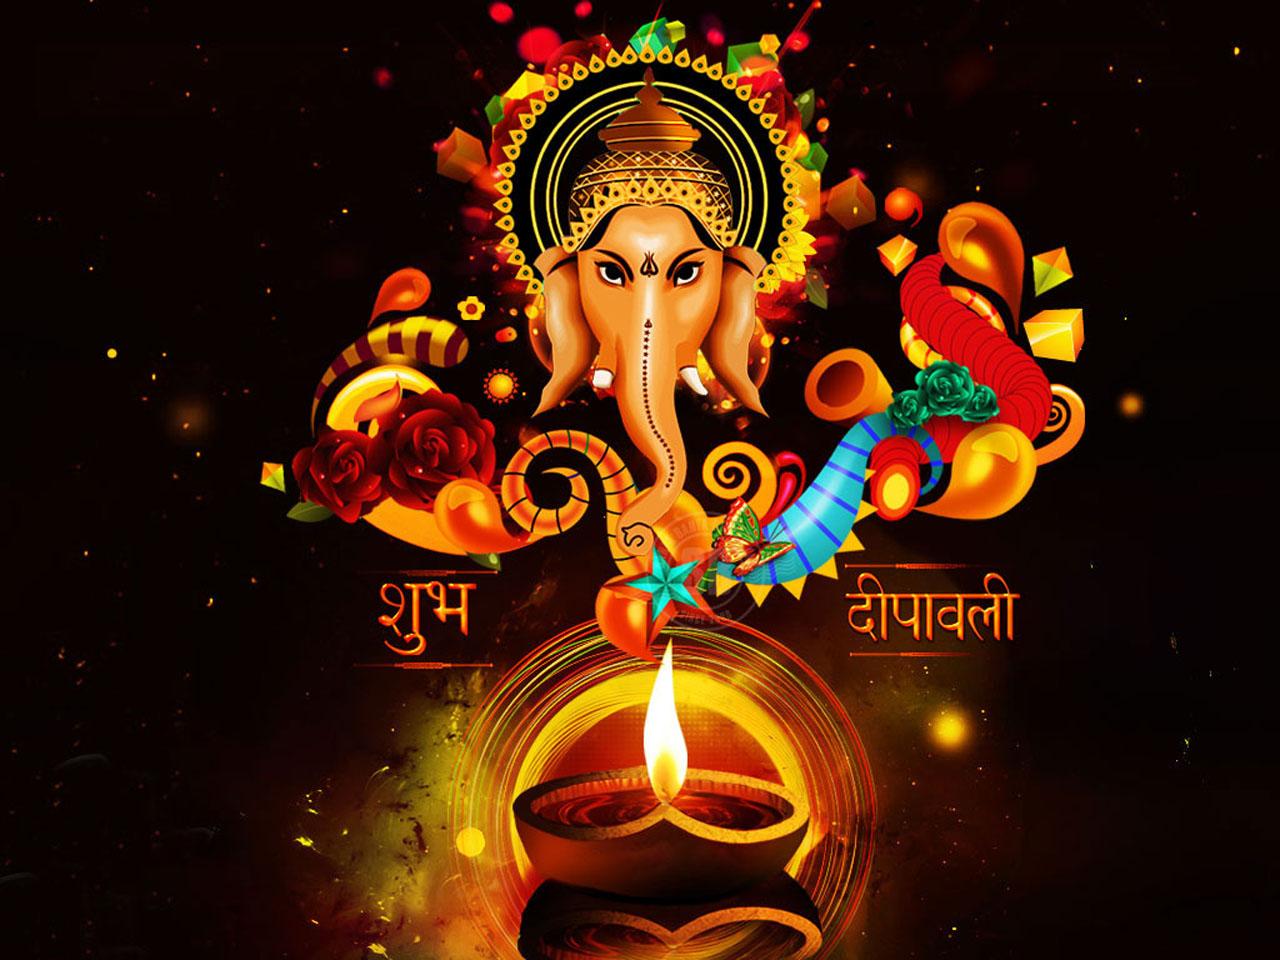 best diwali wallpaper